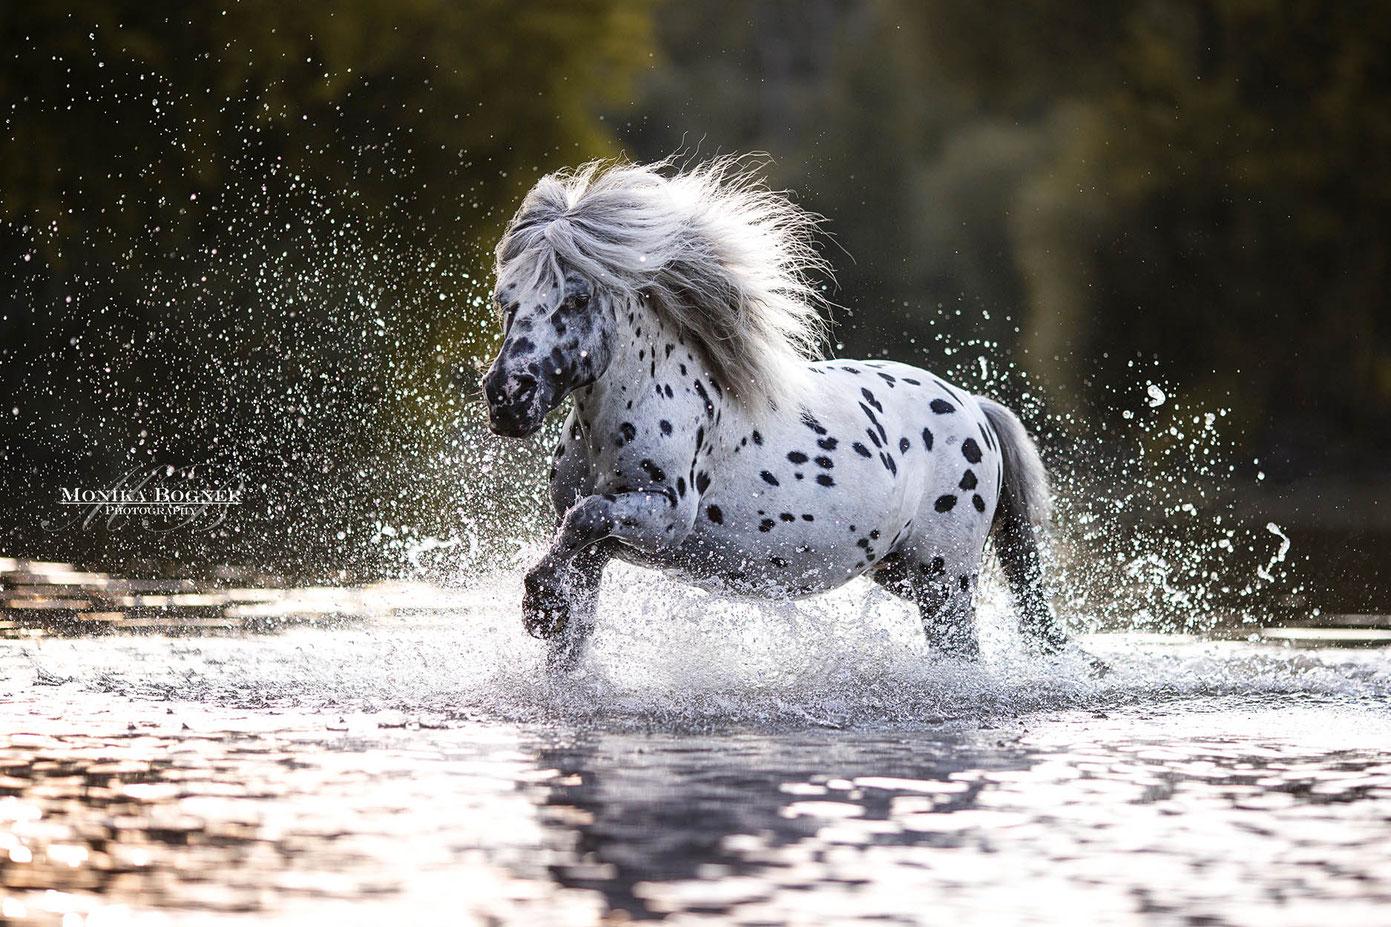 galoppierendes Pony im Wasser beim Fotoshooting